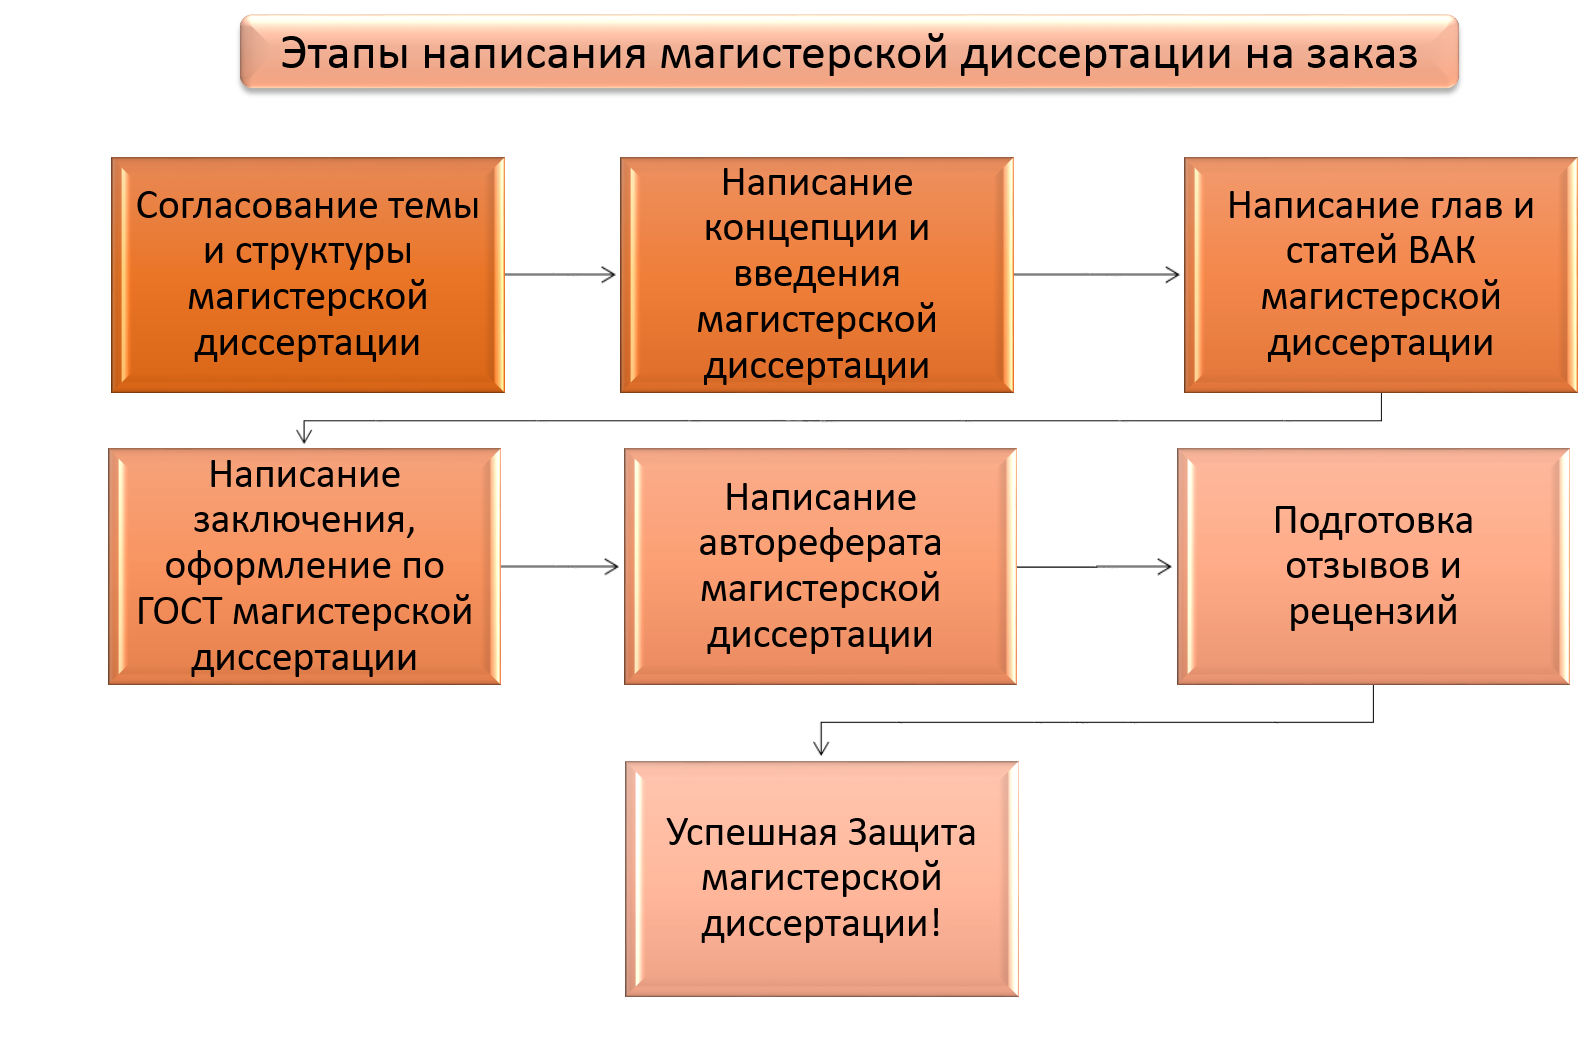 Магистерская диссертация на заказ от компании Ученый Совет  Как написать магистерскую диссертацию